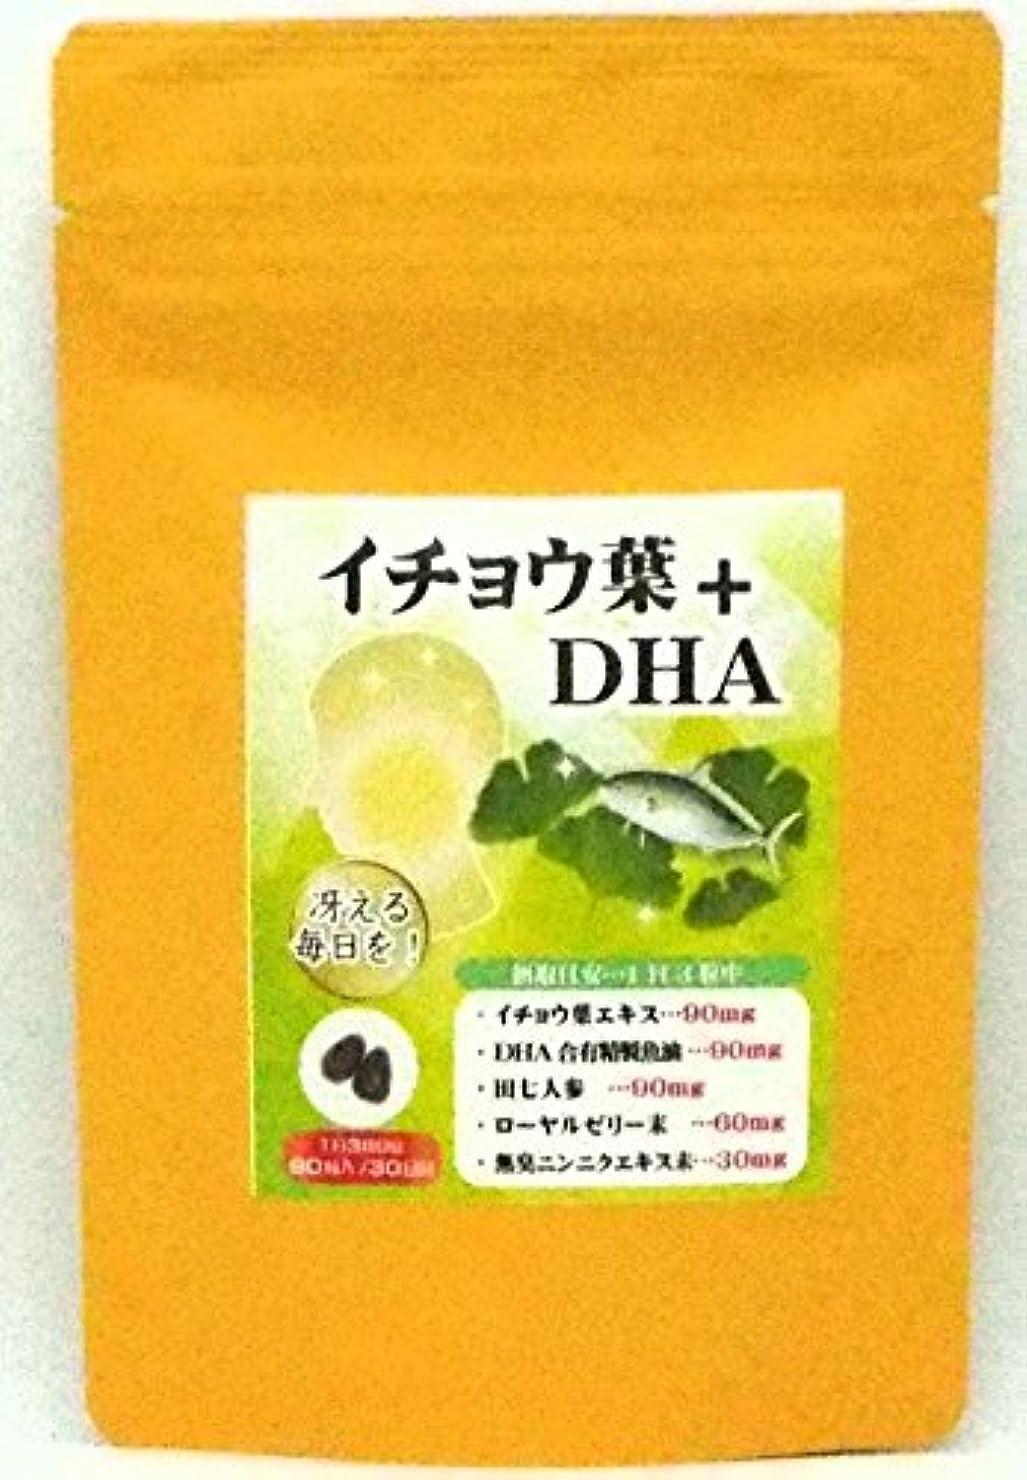 メッセージぼかしローラーイチョウ葉+DHA サプリメント 90粒入 3粒にイチョウ葉エキス90mg、DHA合有精製魚油90mg、田七人参90mg、ローヤルゼリー末60mg配合